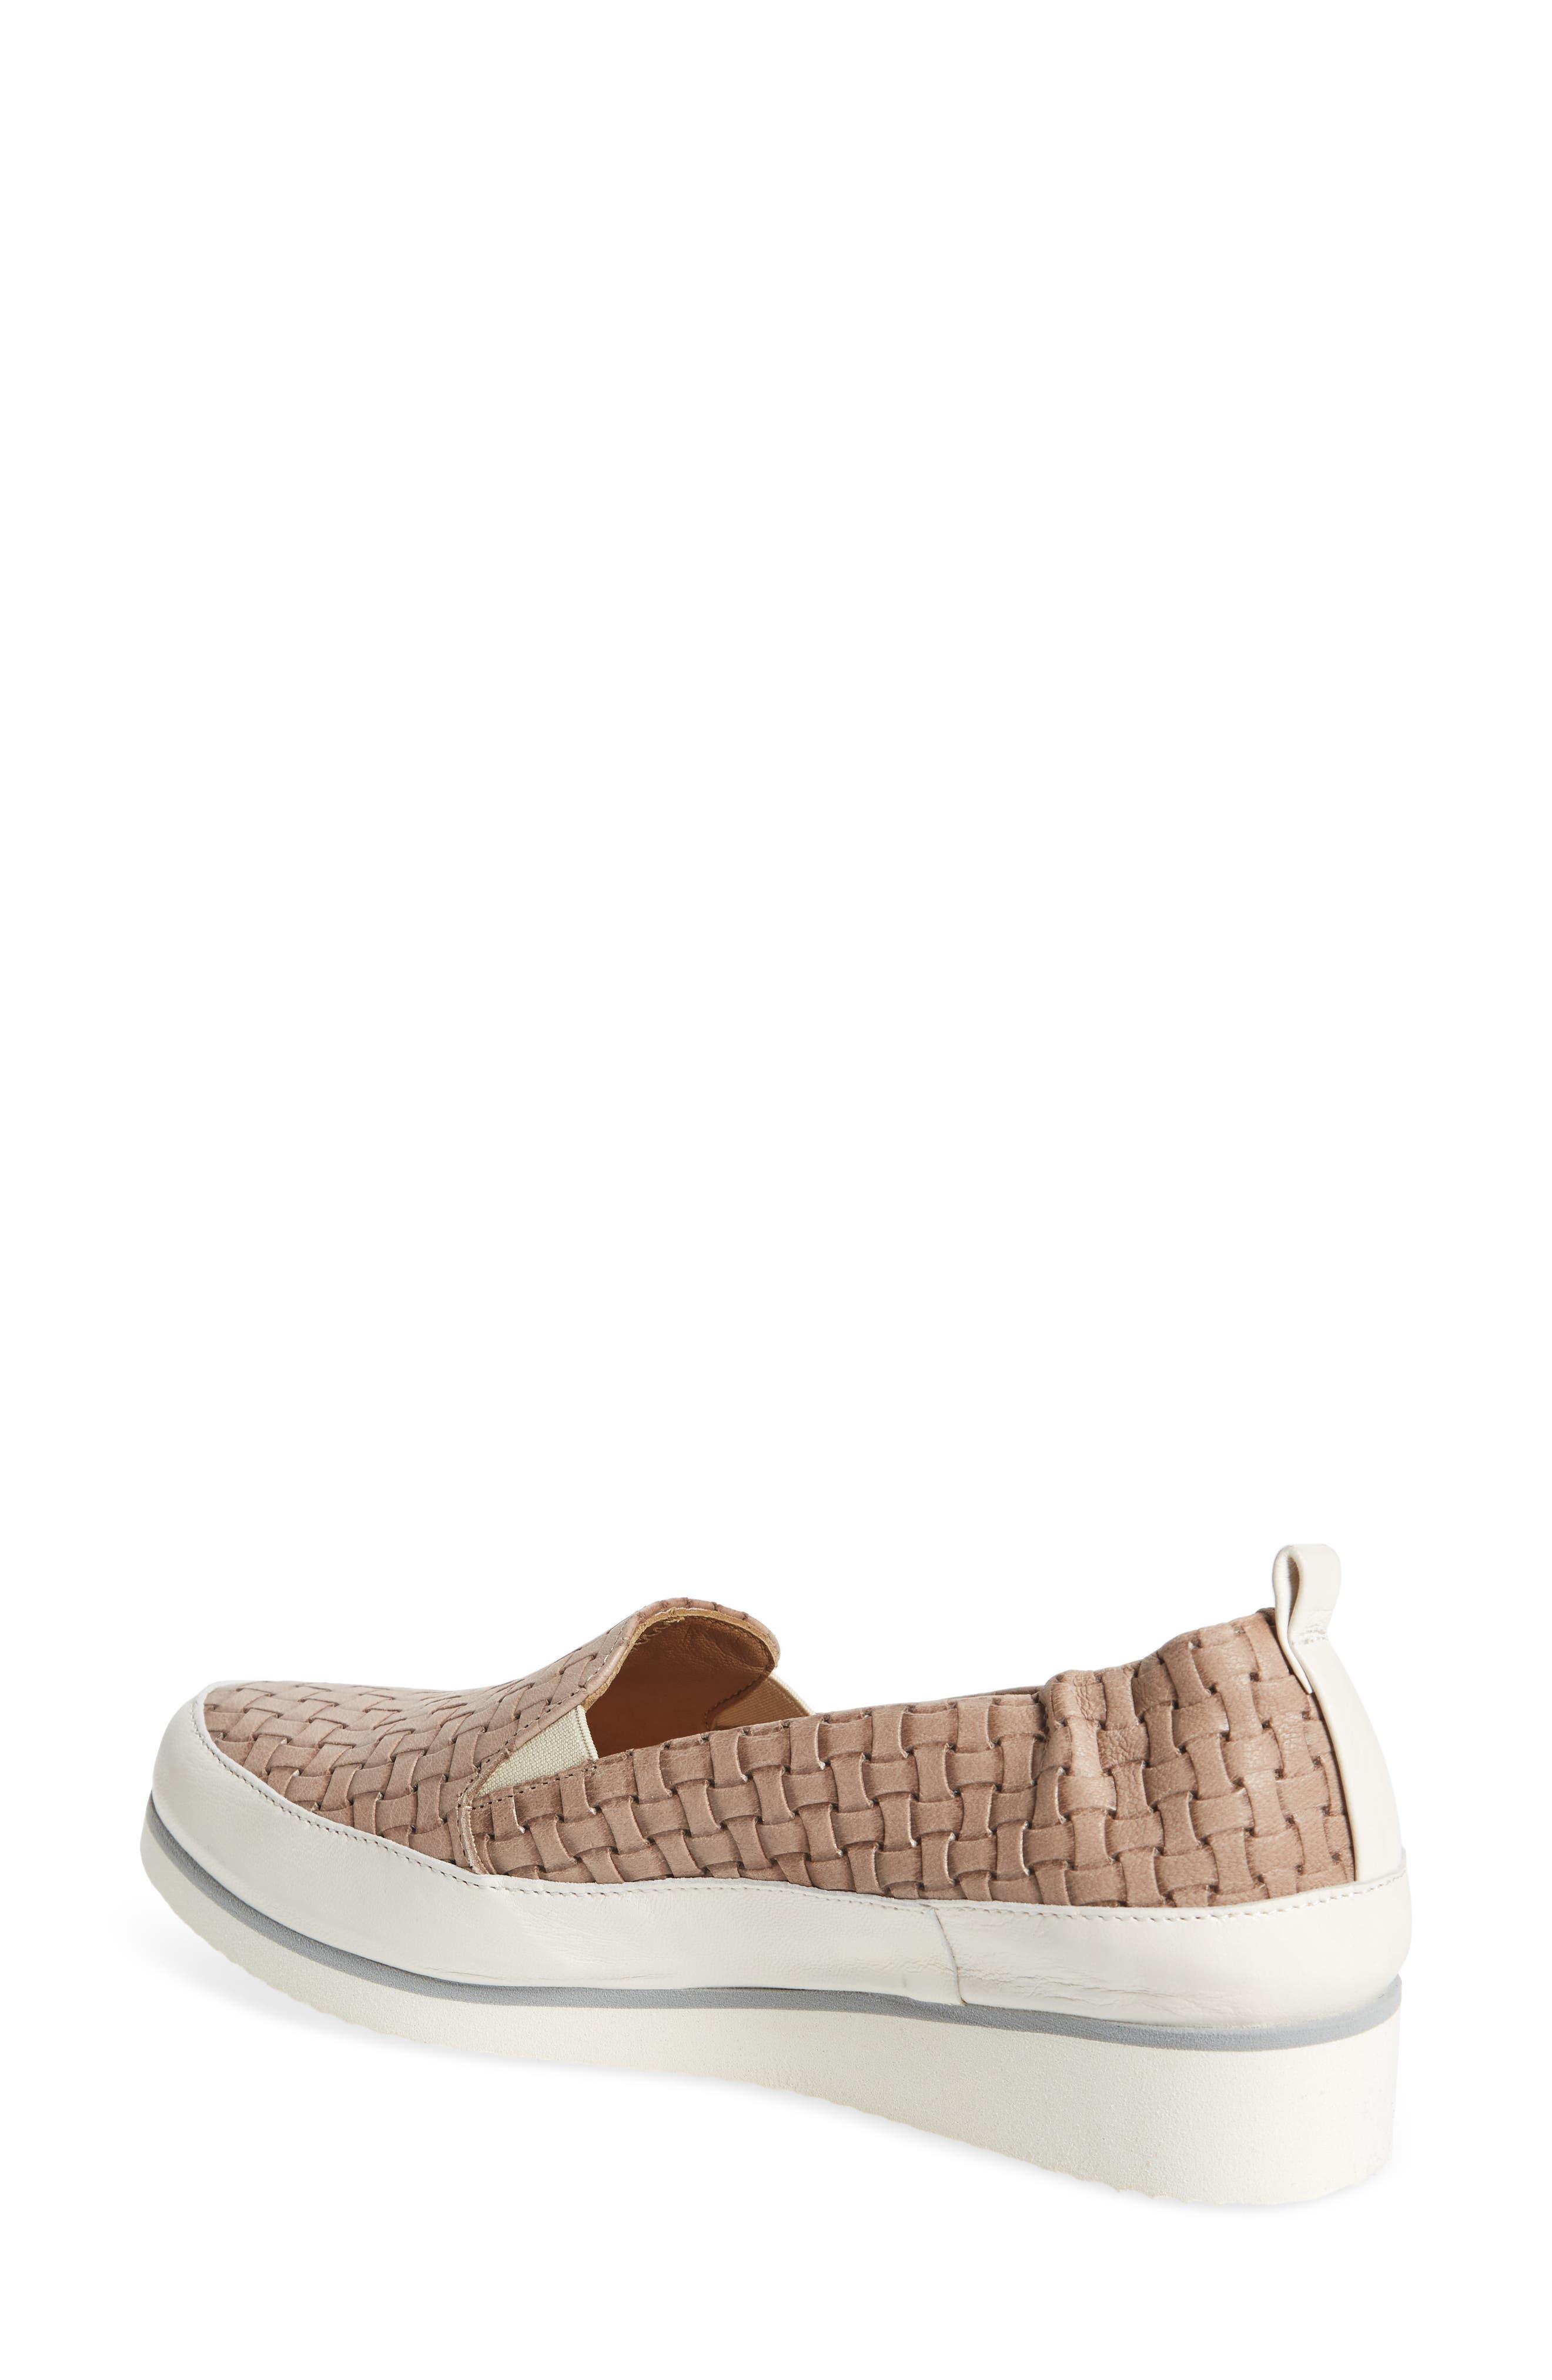 Alternate Image 2  - Ron White Nell Slip-On Sneaker (Women)